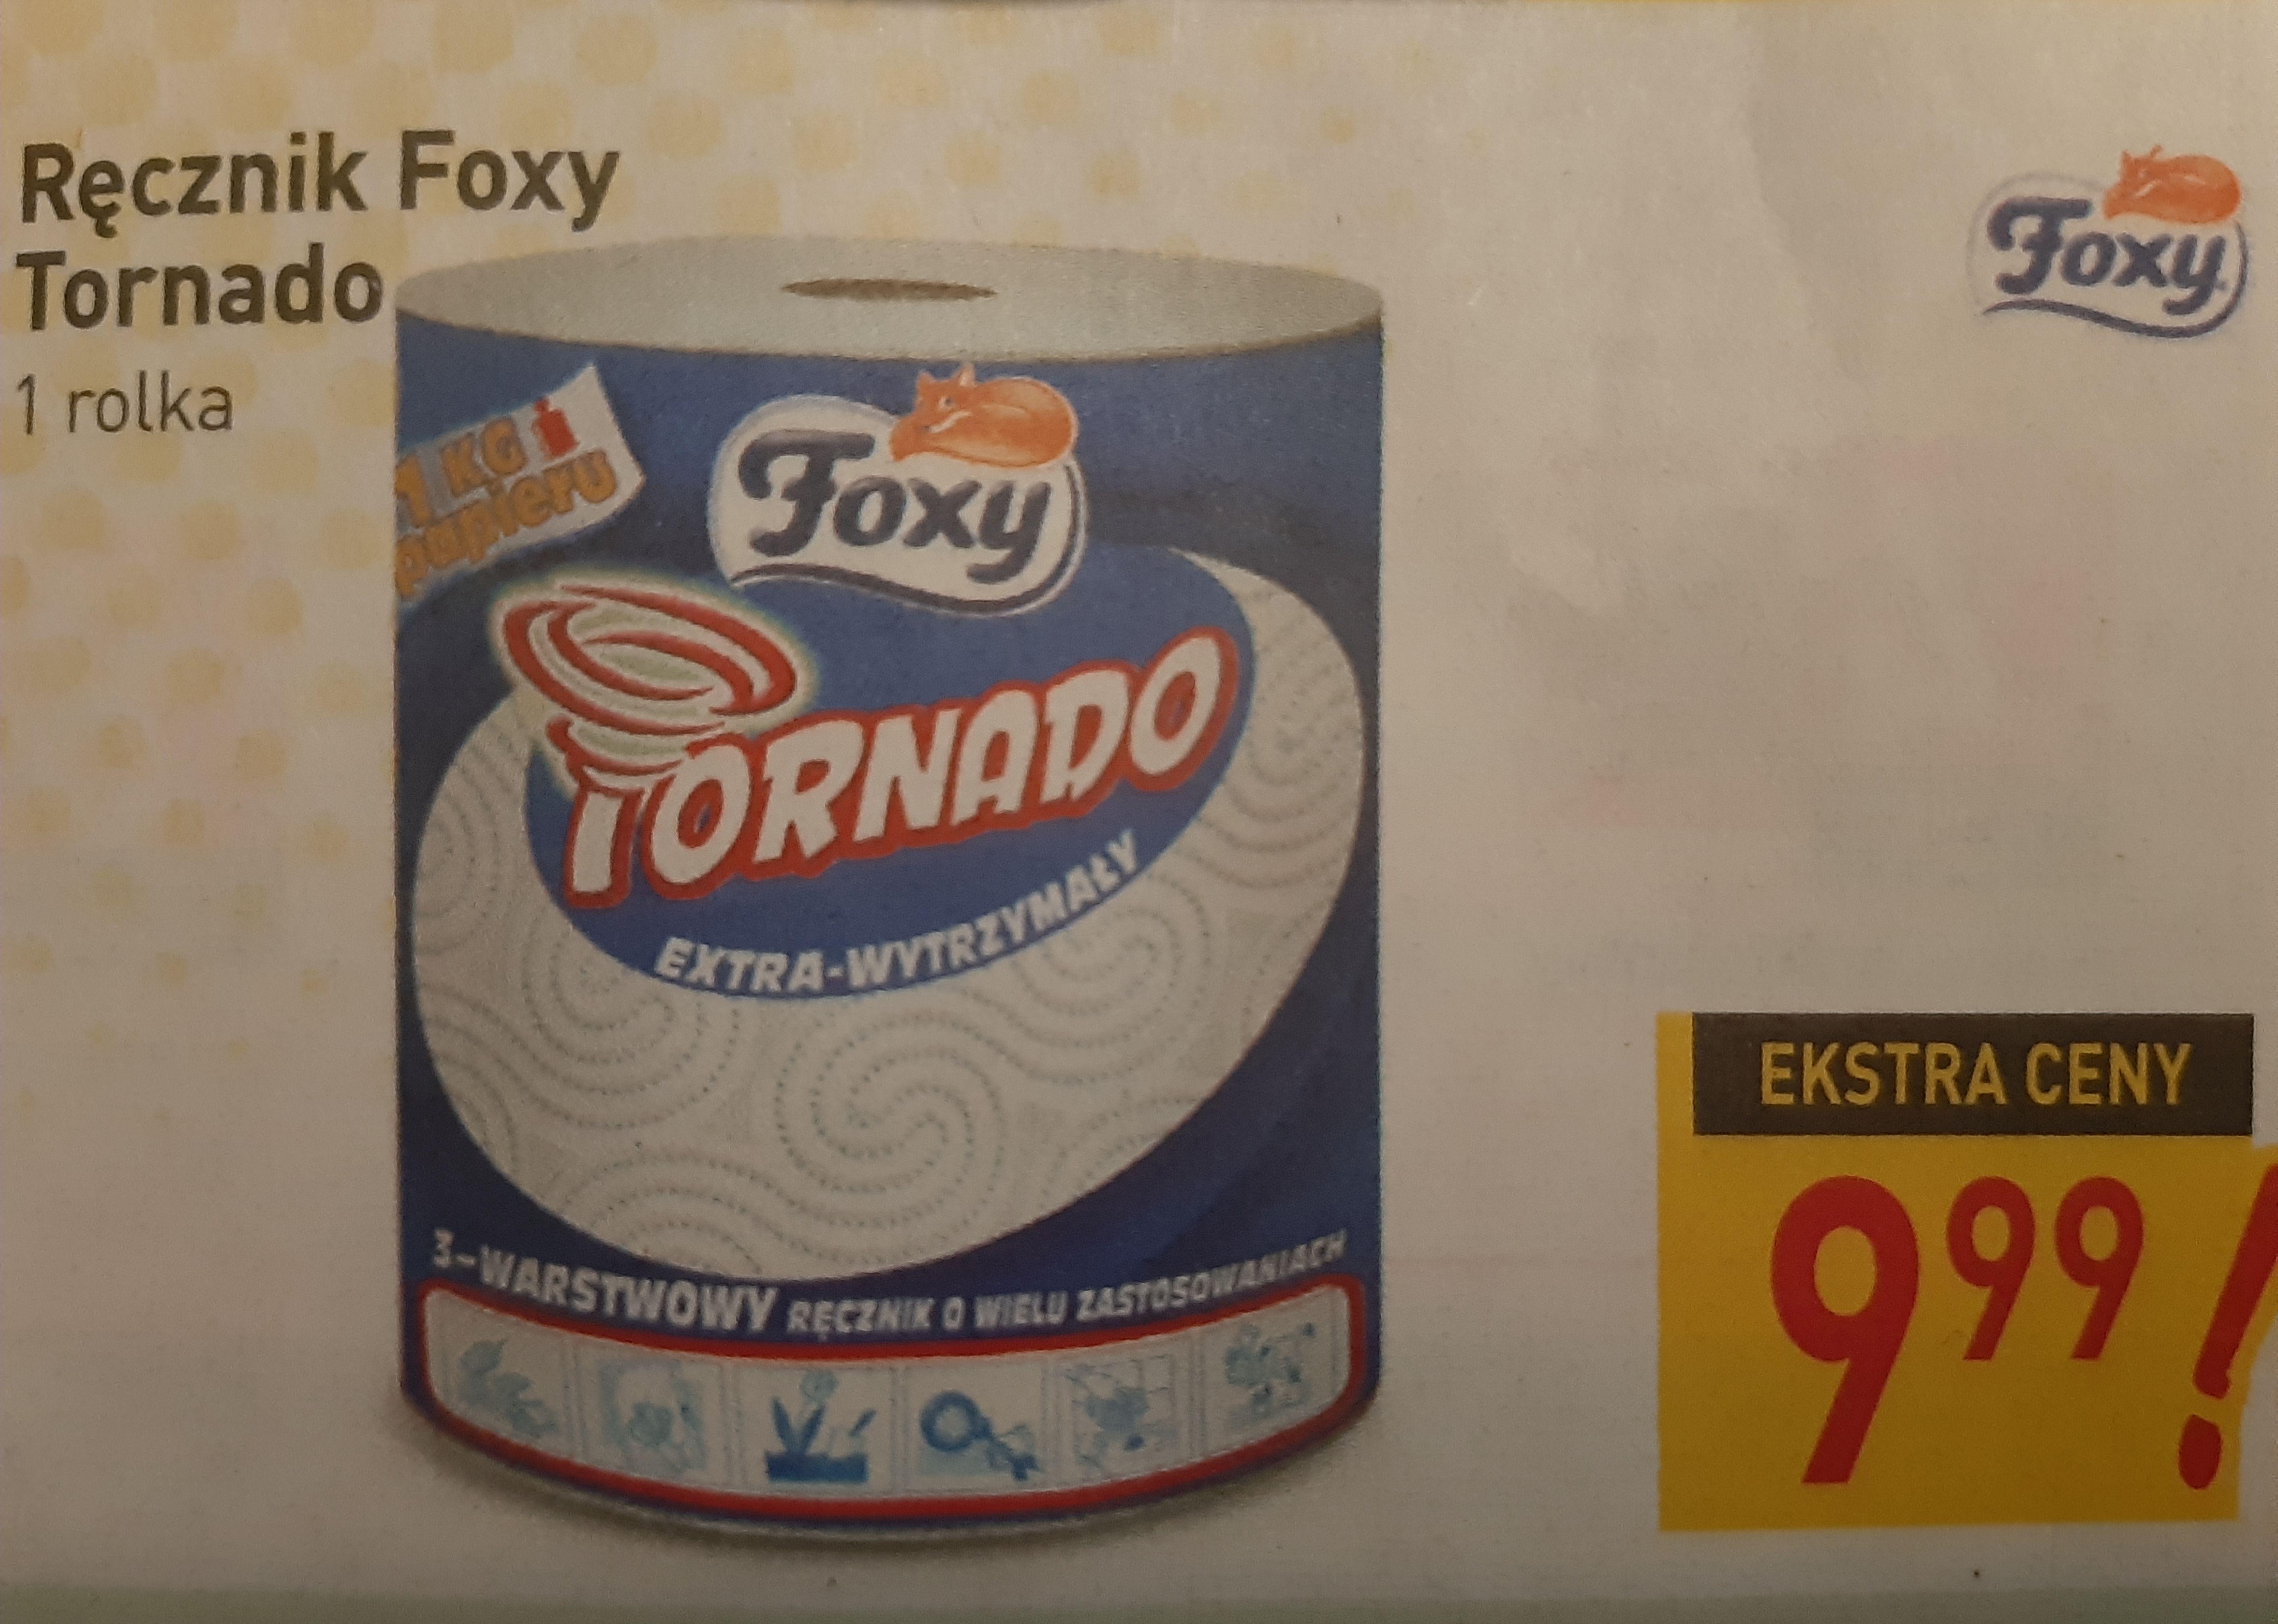 Ręcznik Foxy Tornado 1 kg gruby 3 warstwy za 9,99 w marketach Stokrotka